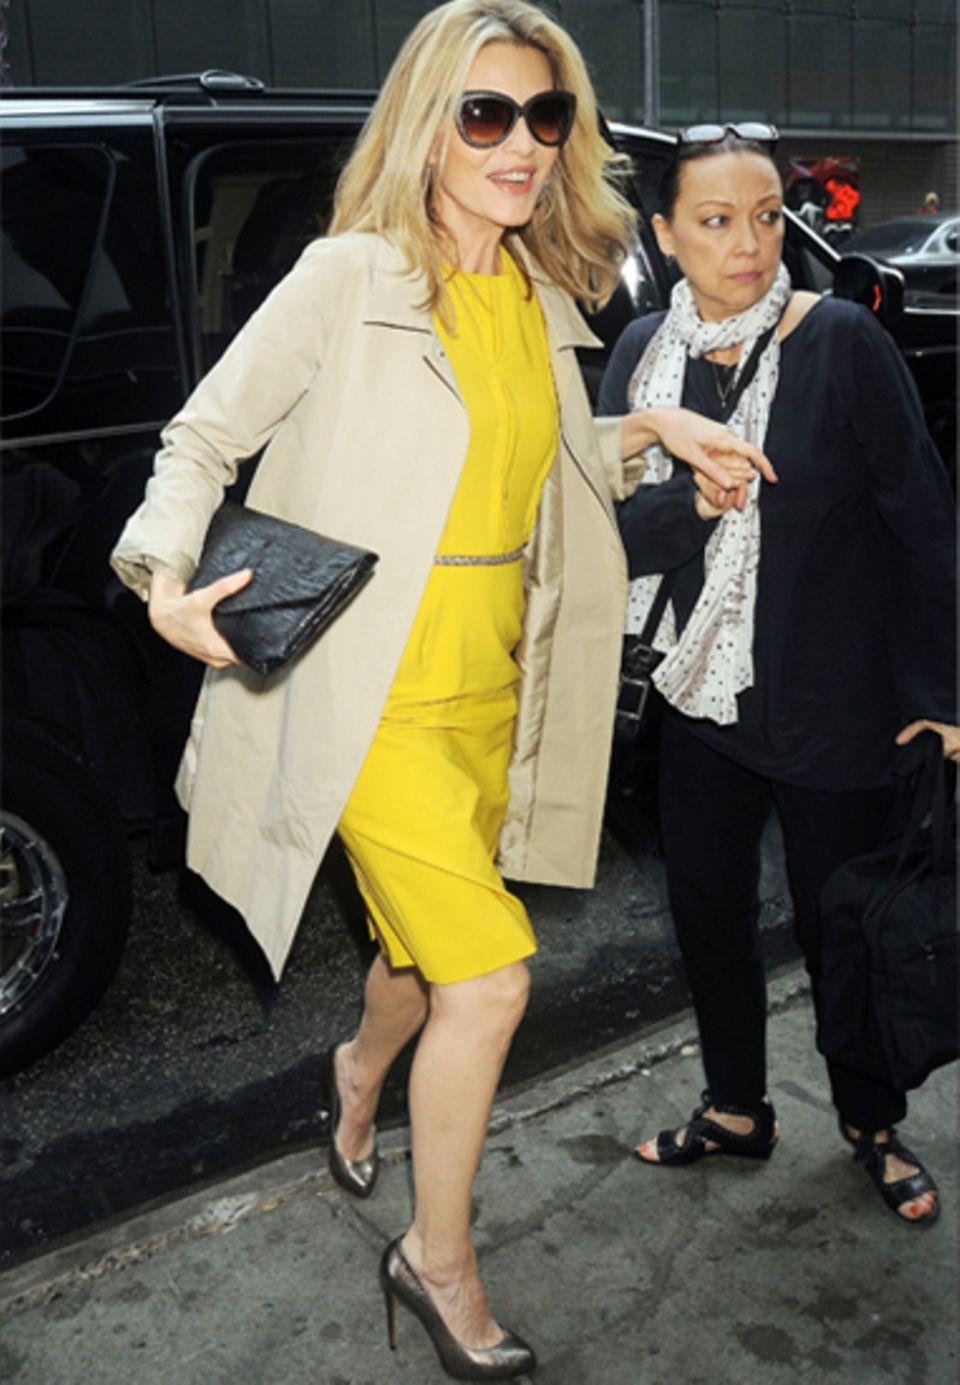 50+ Michelle Pfeiffer strahlt in ihrem sonnengelben Kleid und den goldenen Pumps genauso wie vor 20 Jahren